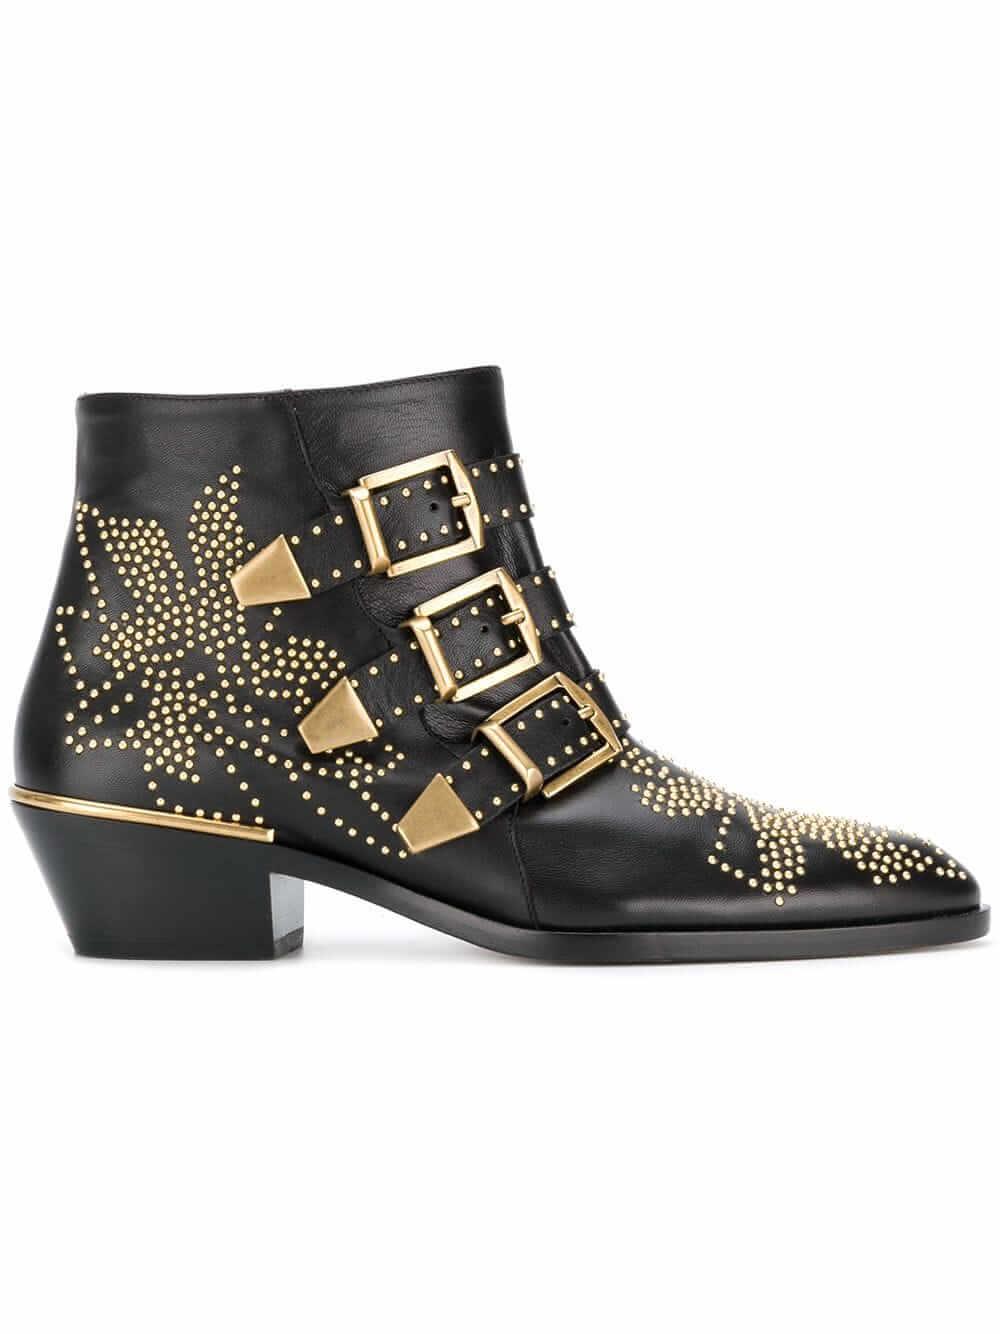 Pièce iconique : Boots Susanna Chloé